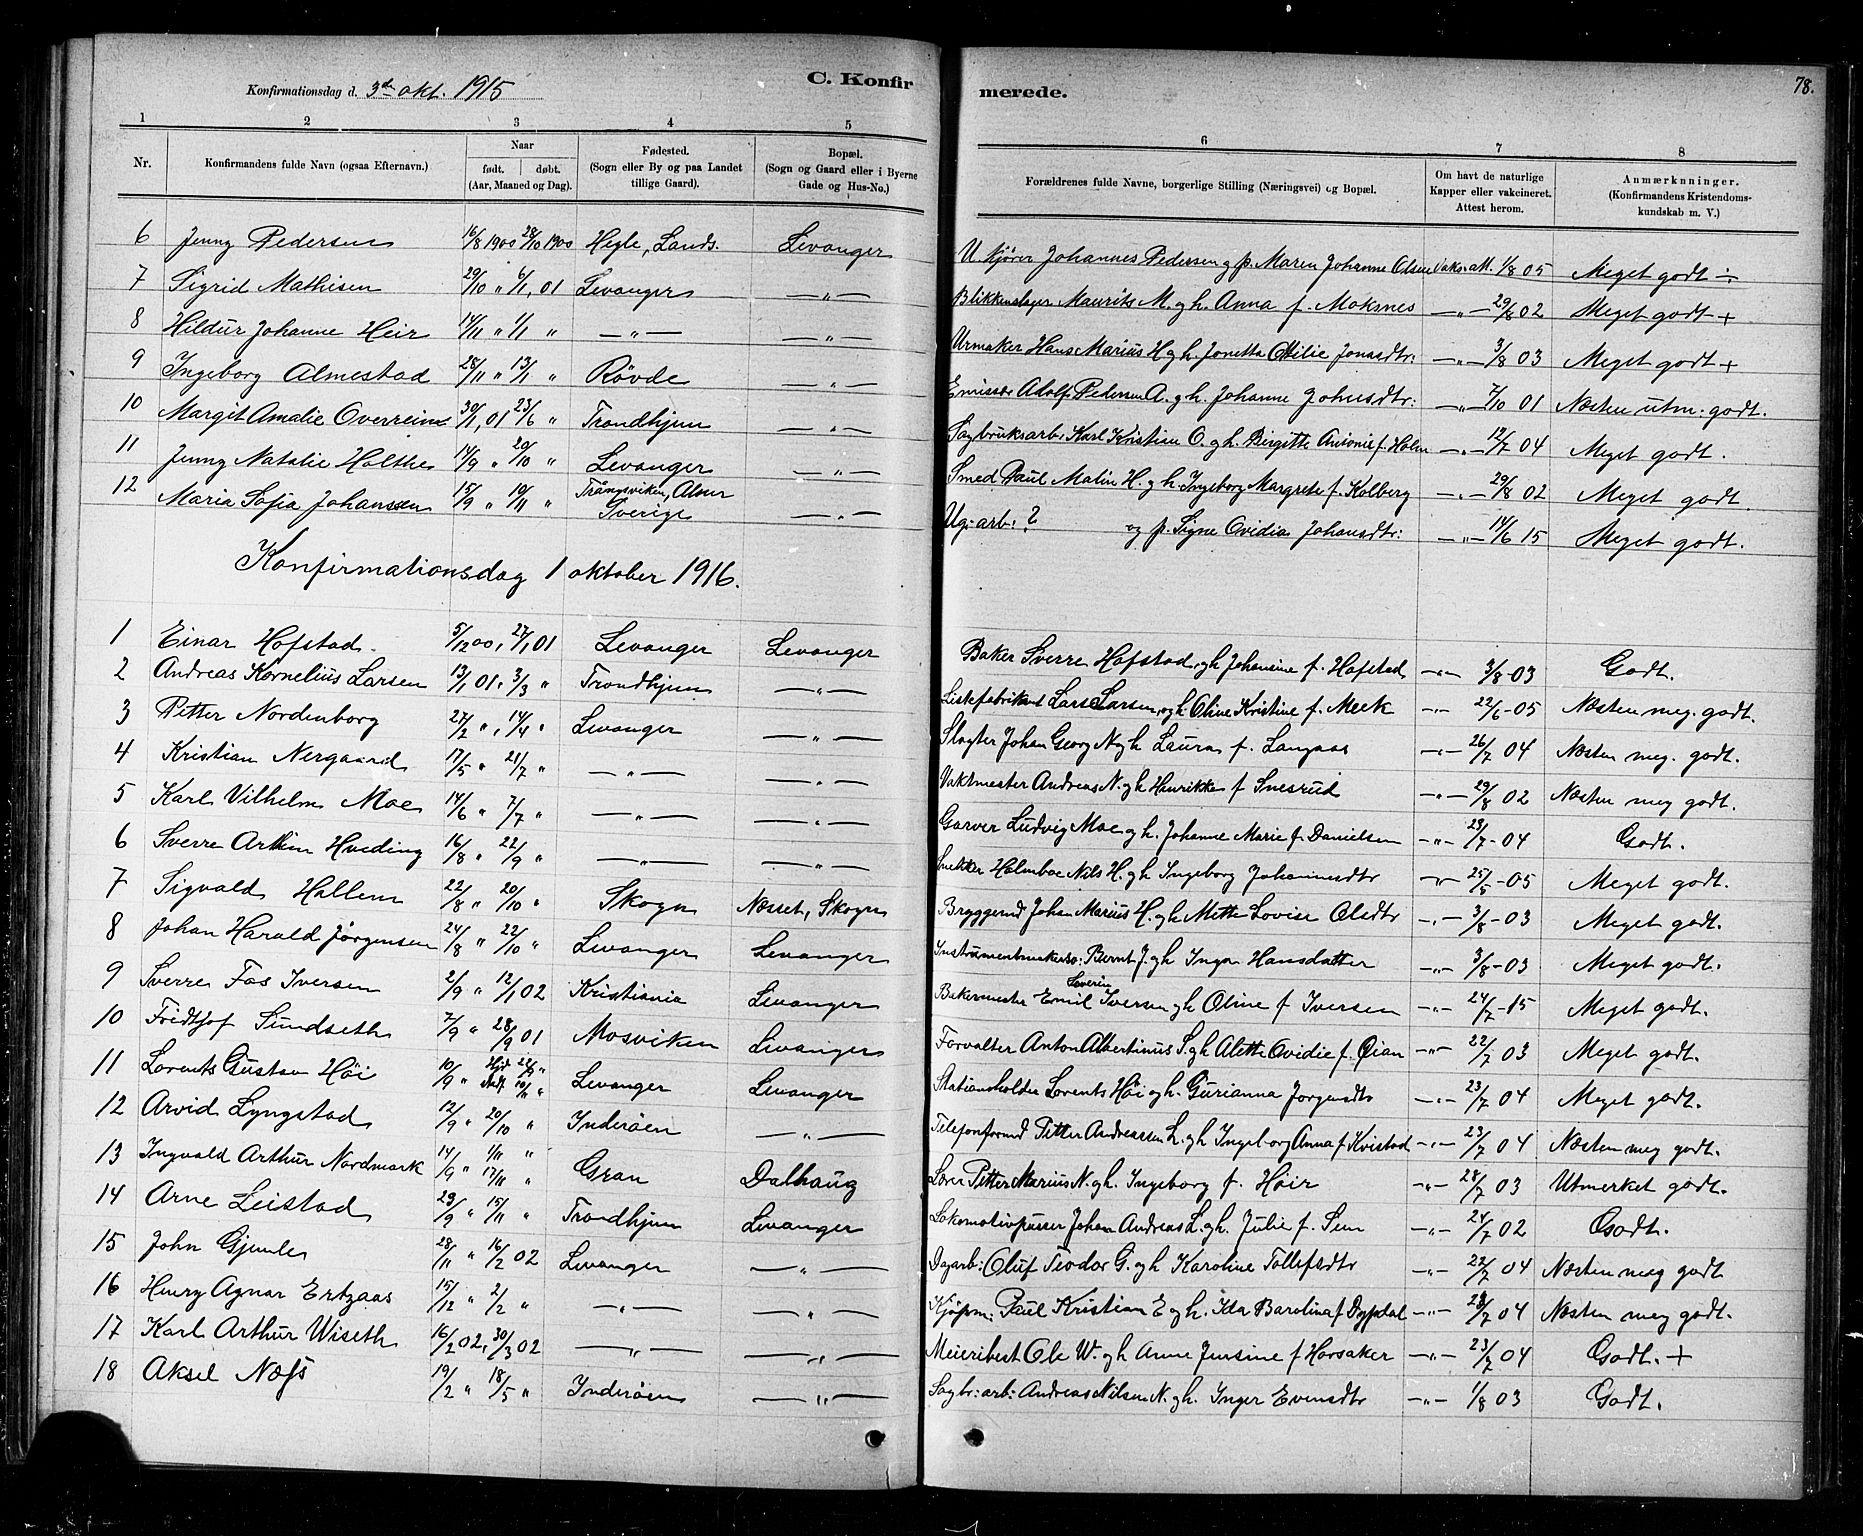 SAT, Ministerialprotokoller, klokkerbøker og fødselsregistre - Nord-Trøndelag, 720/L0192: Klokkerbok nr. 720C01, 1880-1917, s. 78